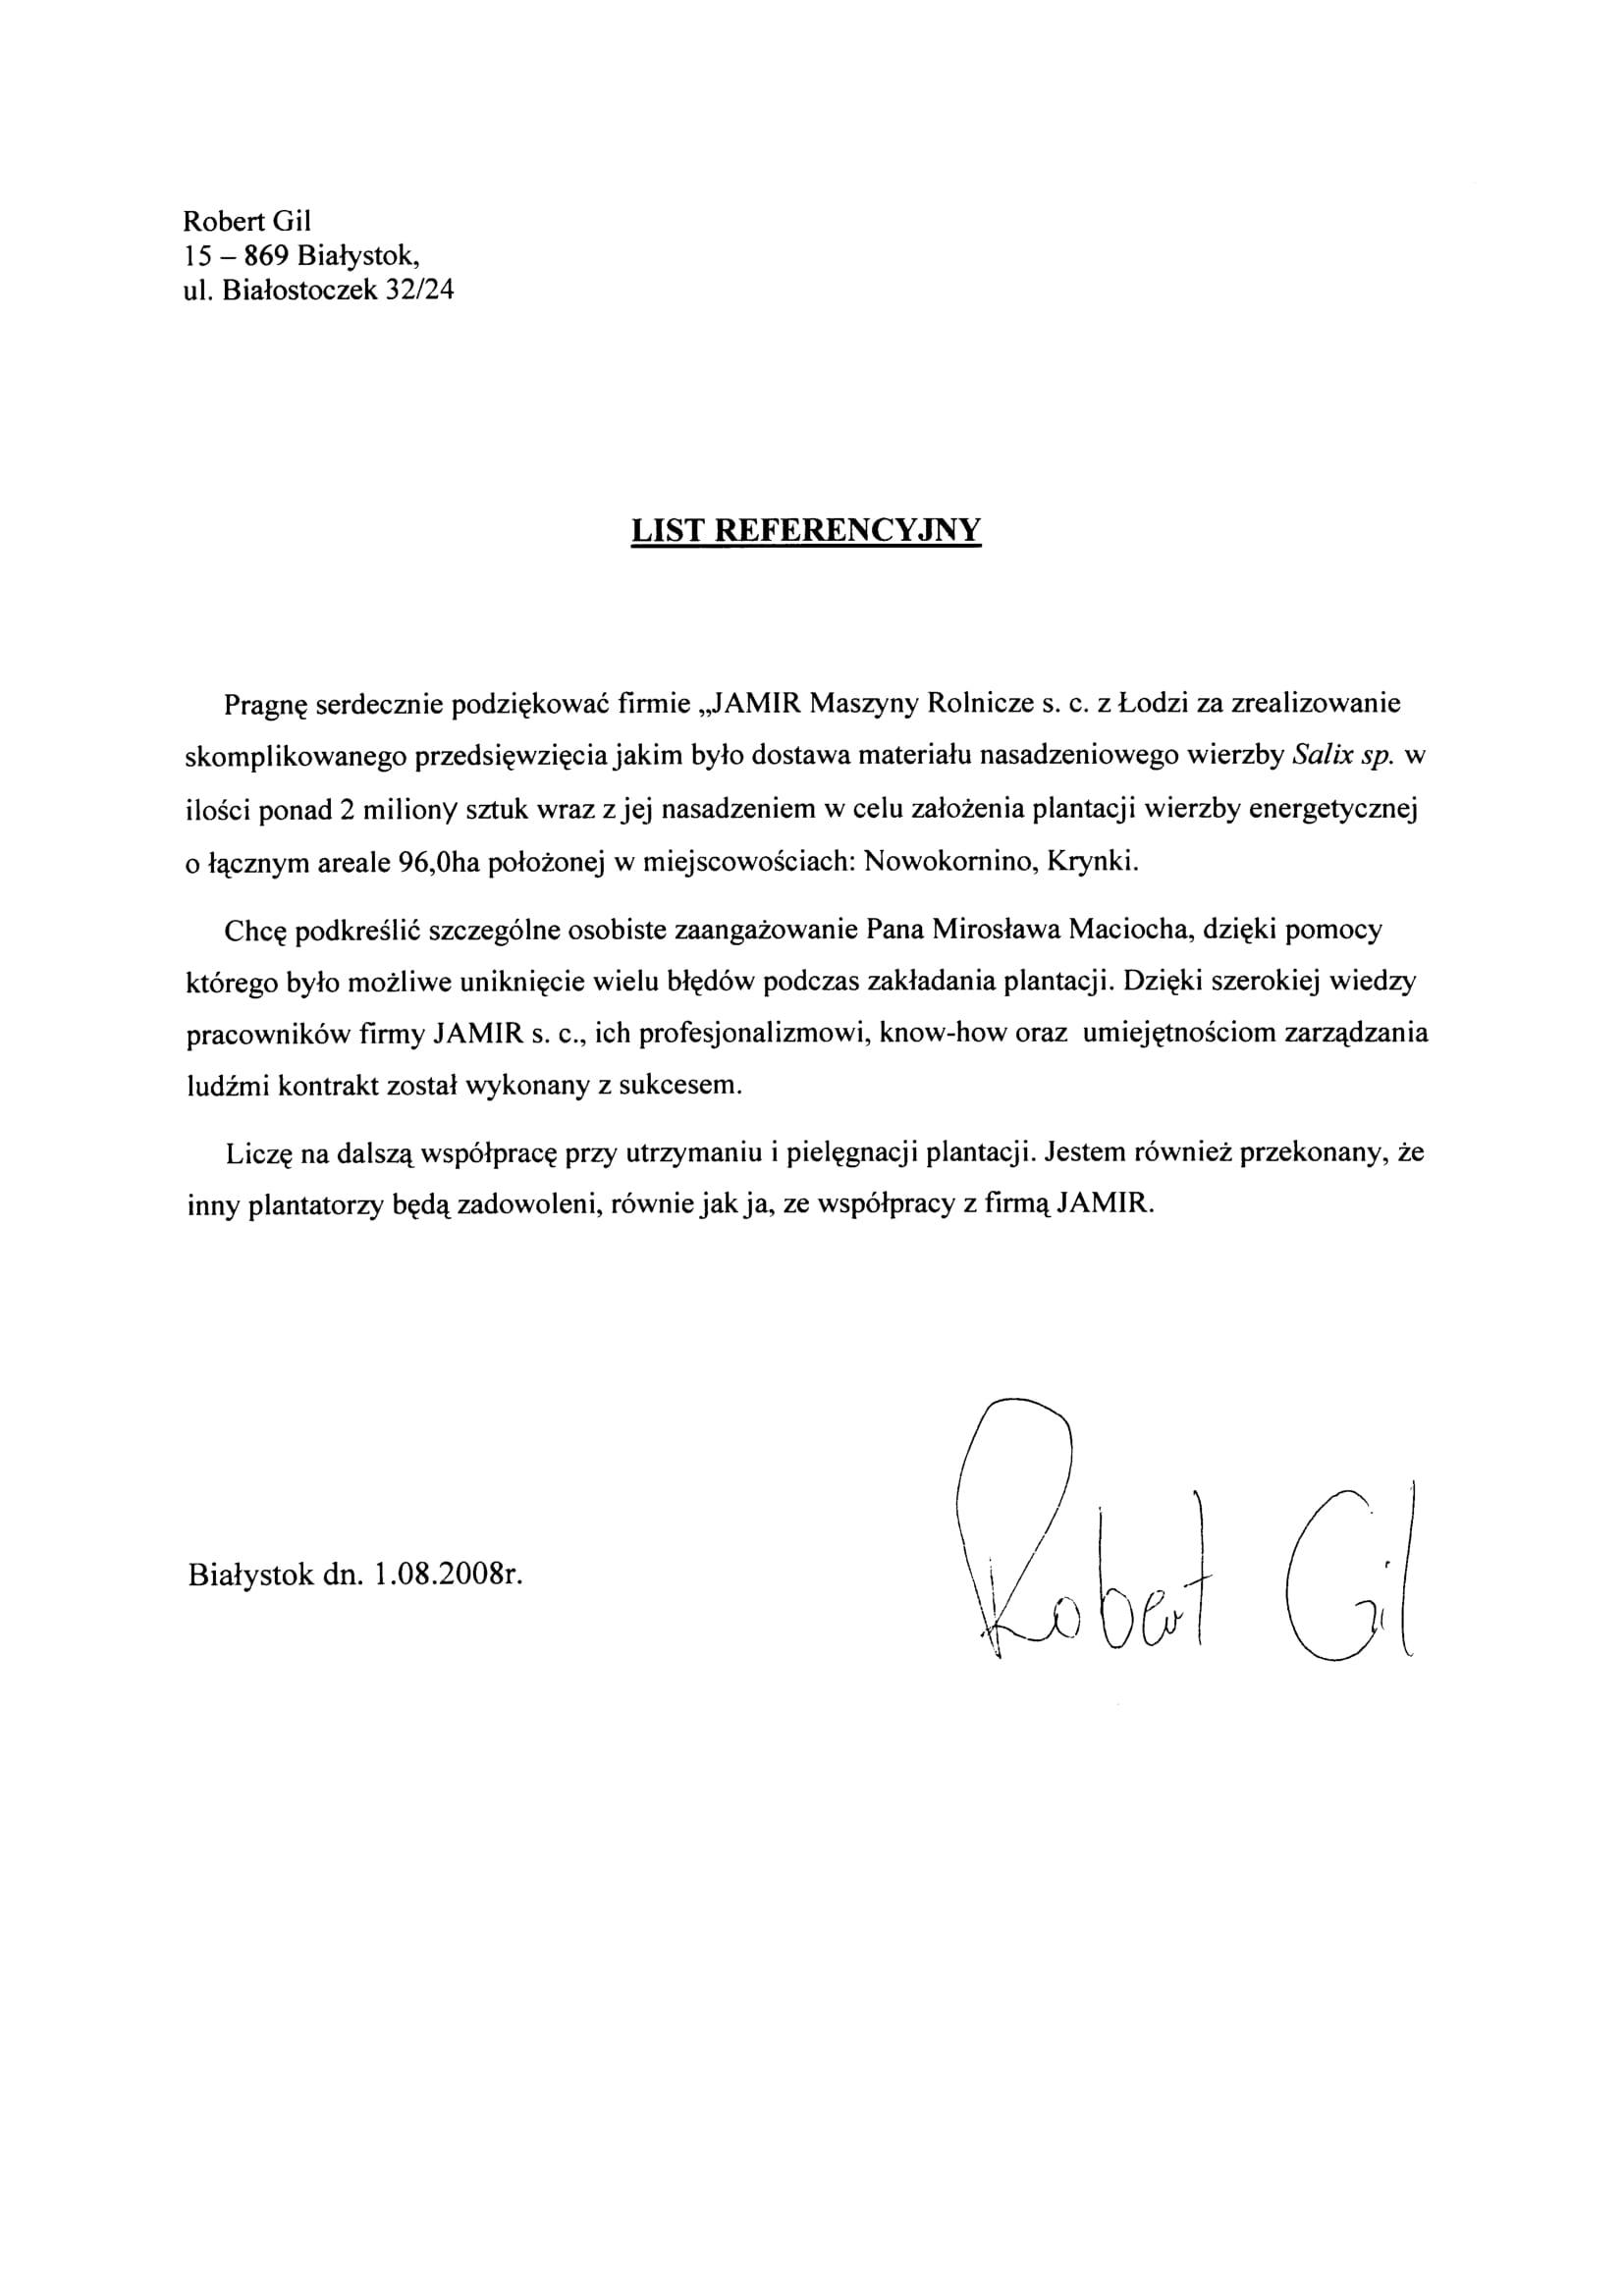 ROBERT GIL-1